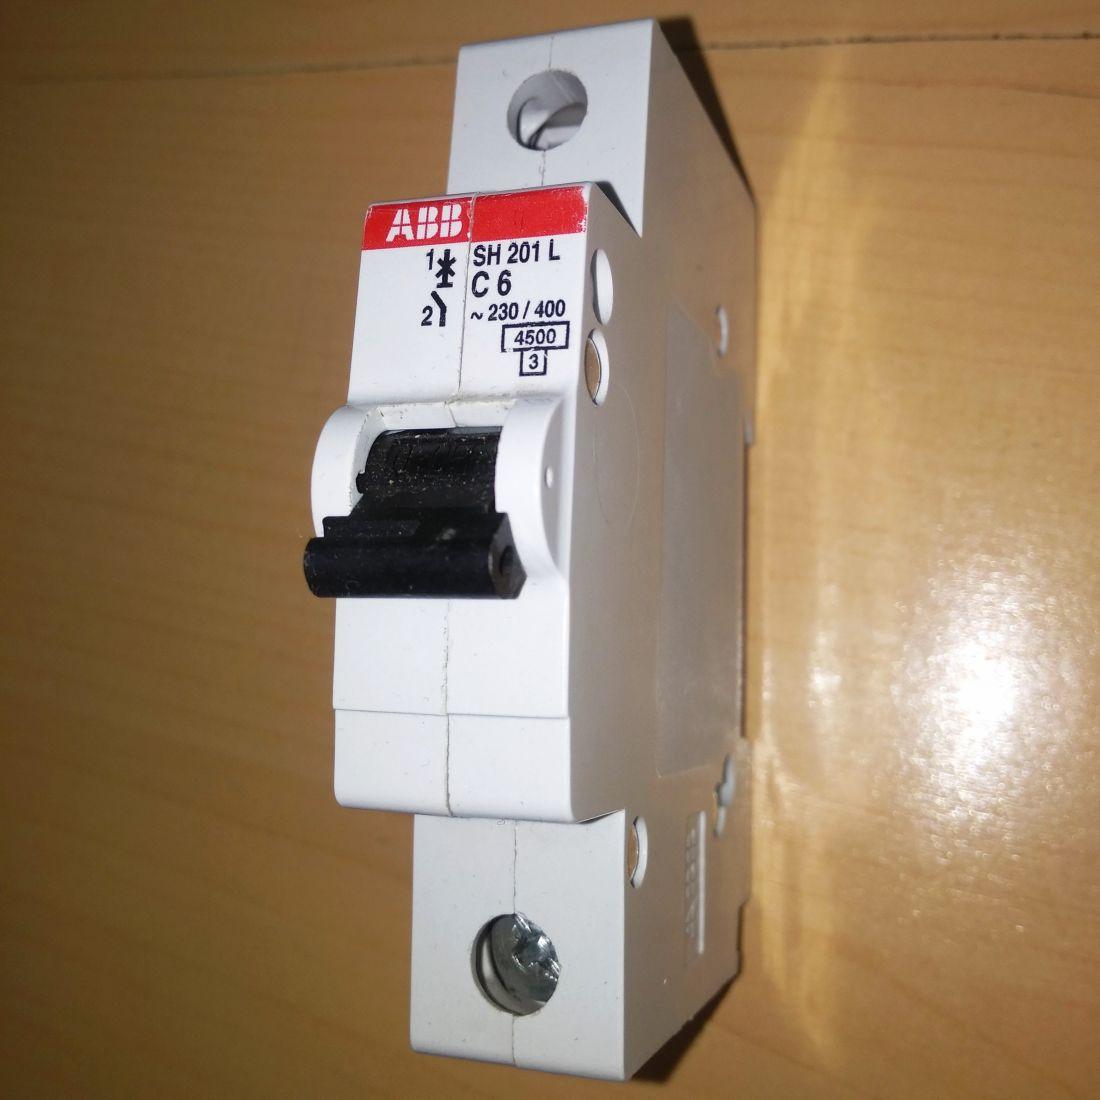 Выключатель SH 201 L C 6 ABB